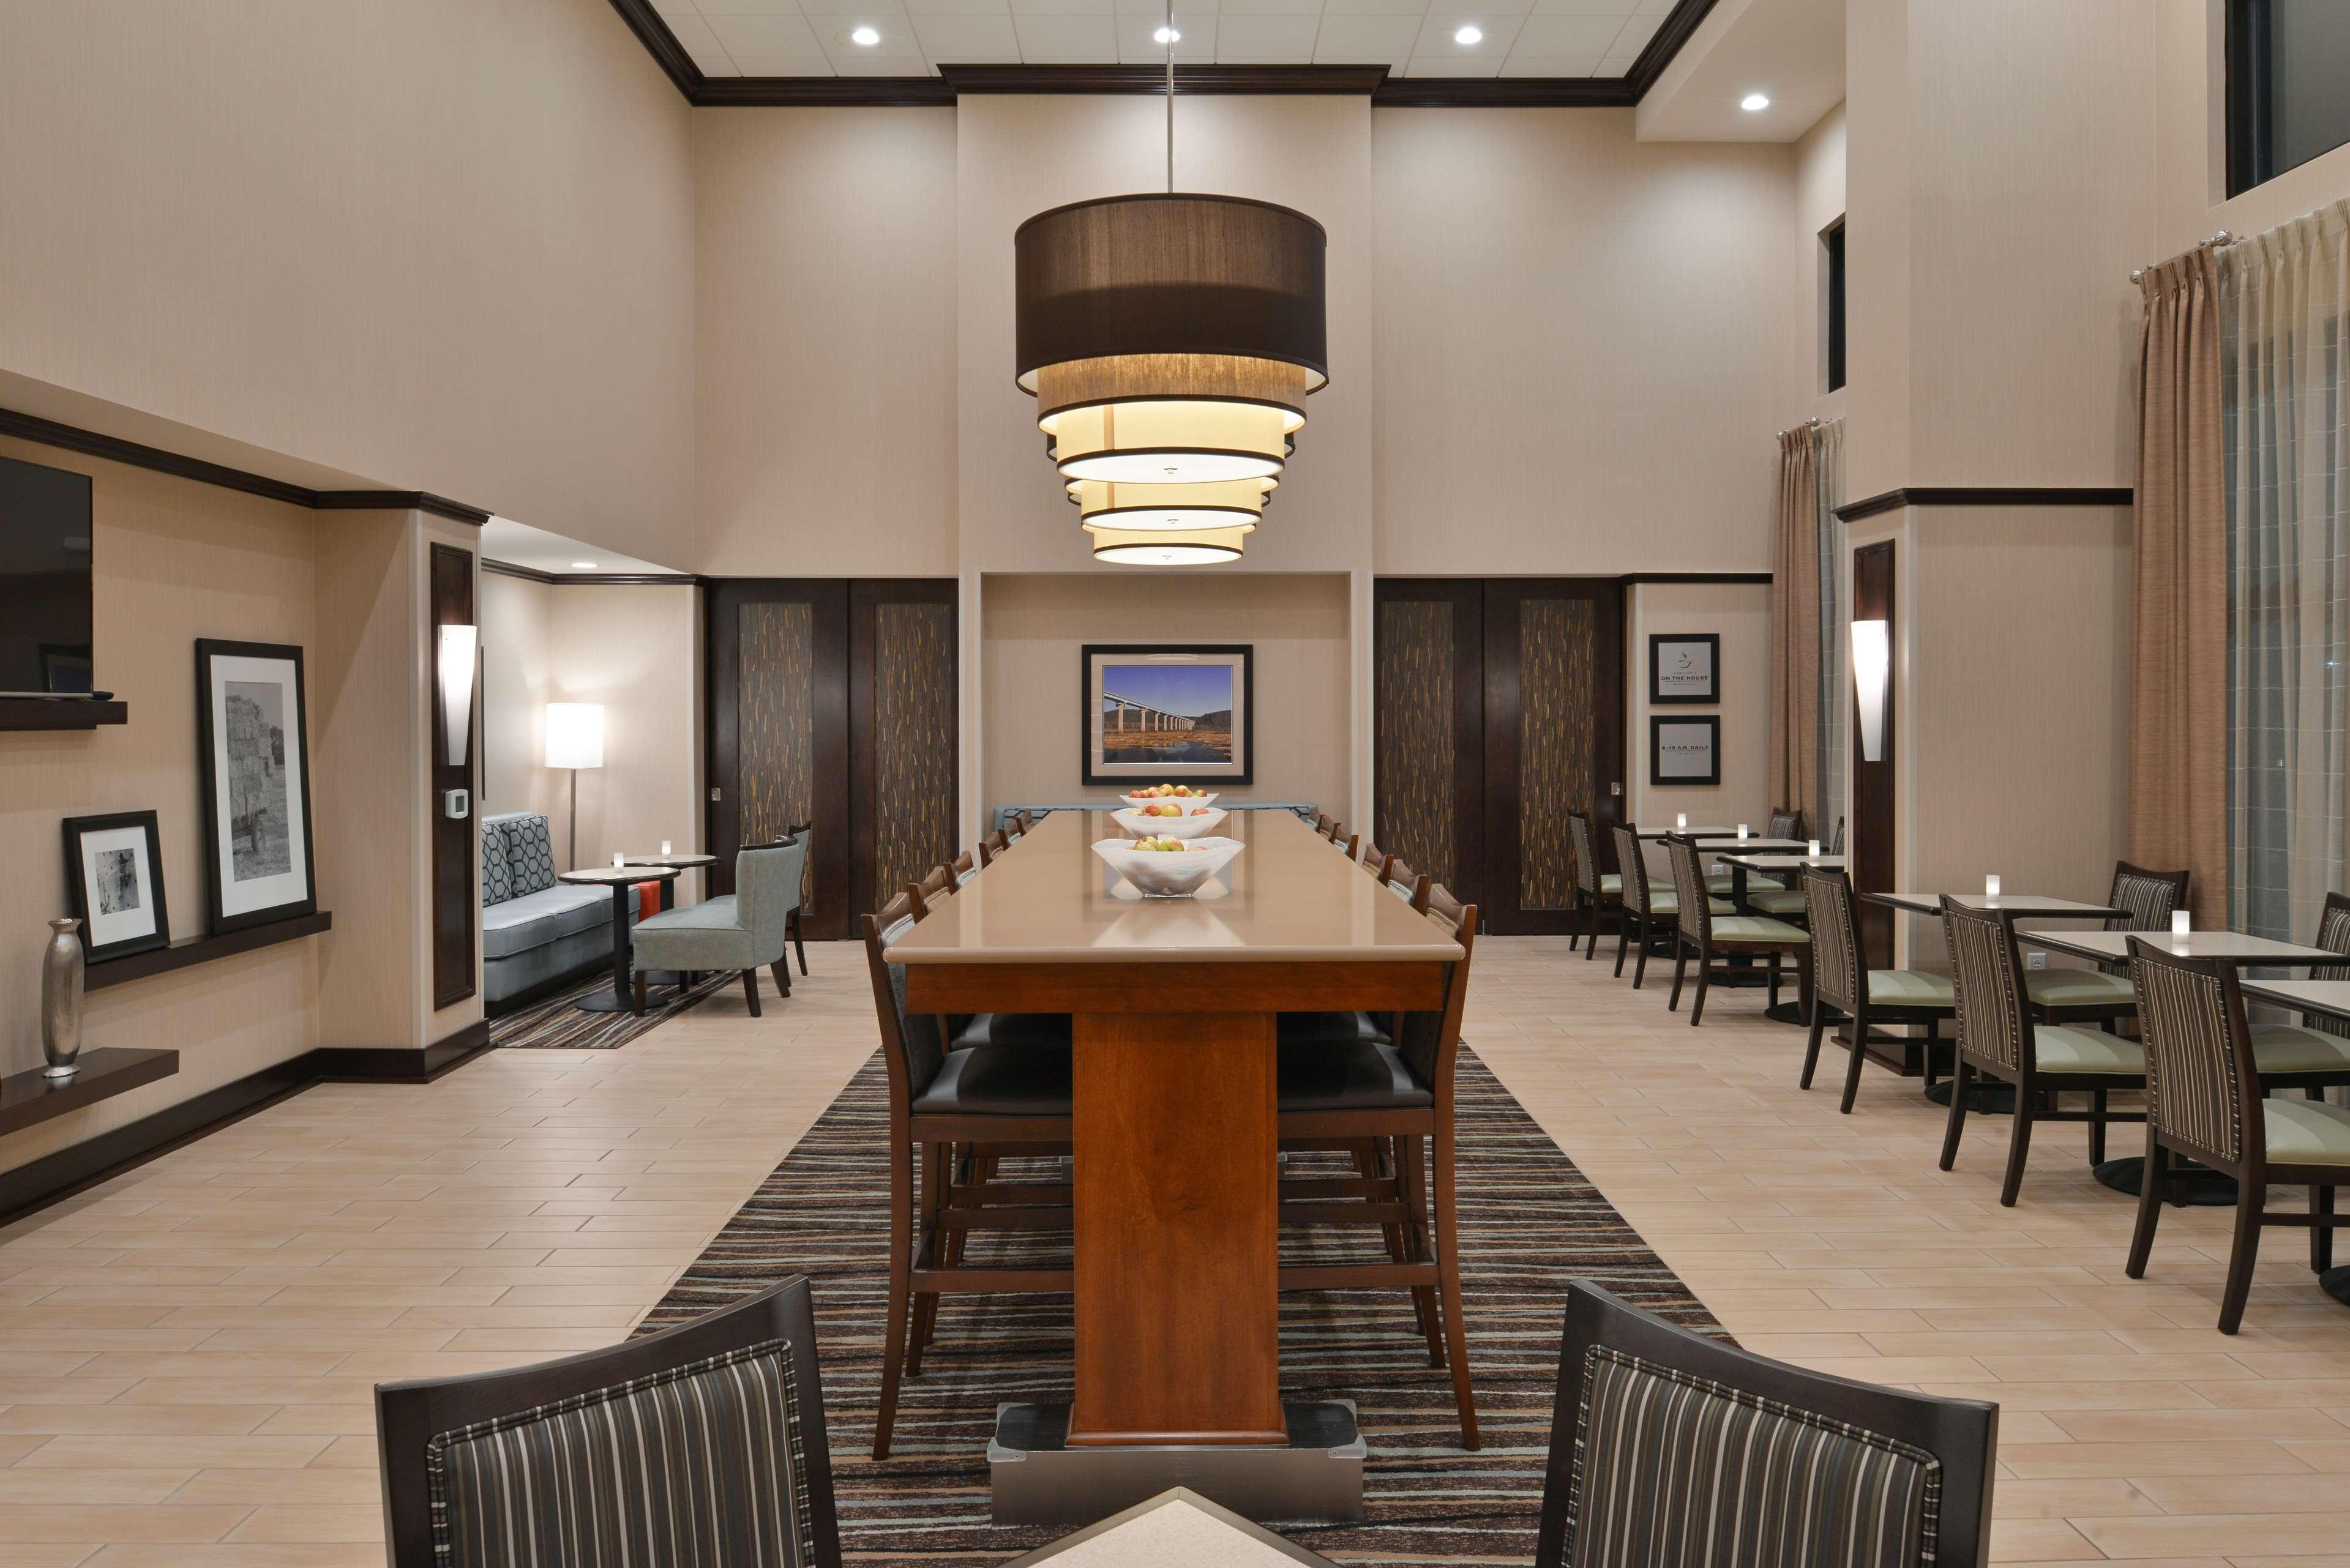 Hampton Inn & Suites Mount Joy/Lancaster West image 10